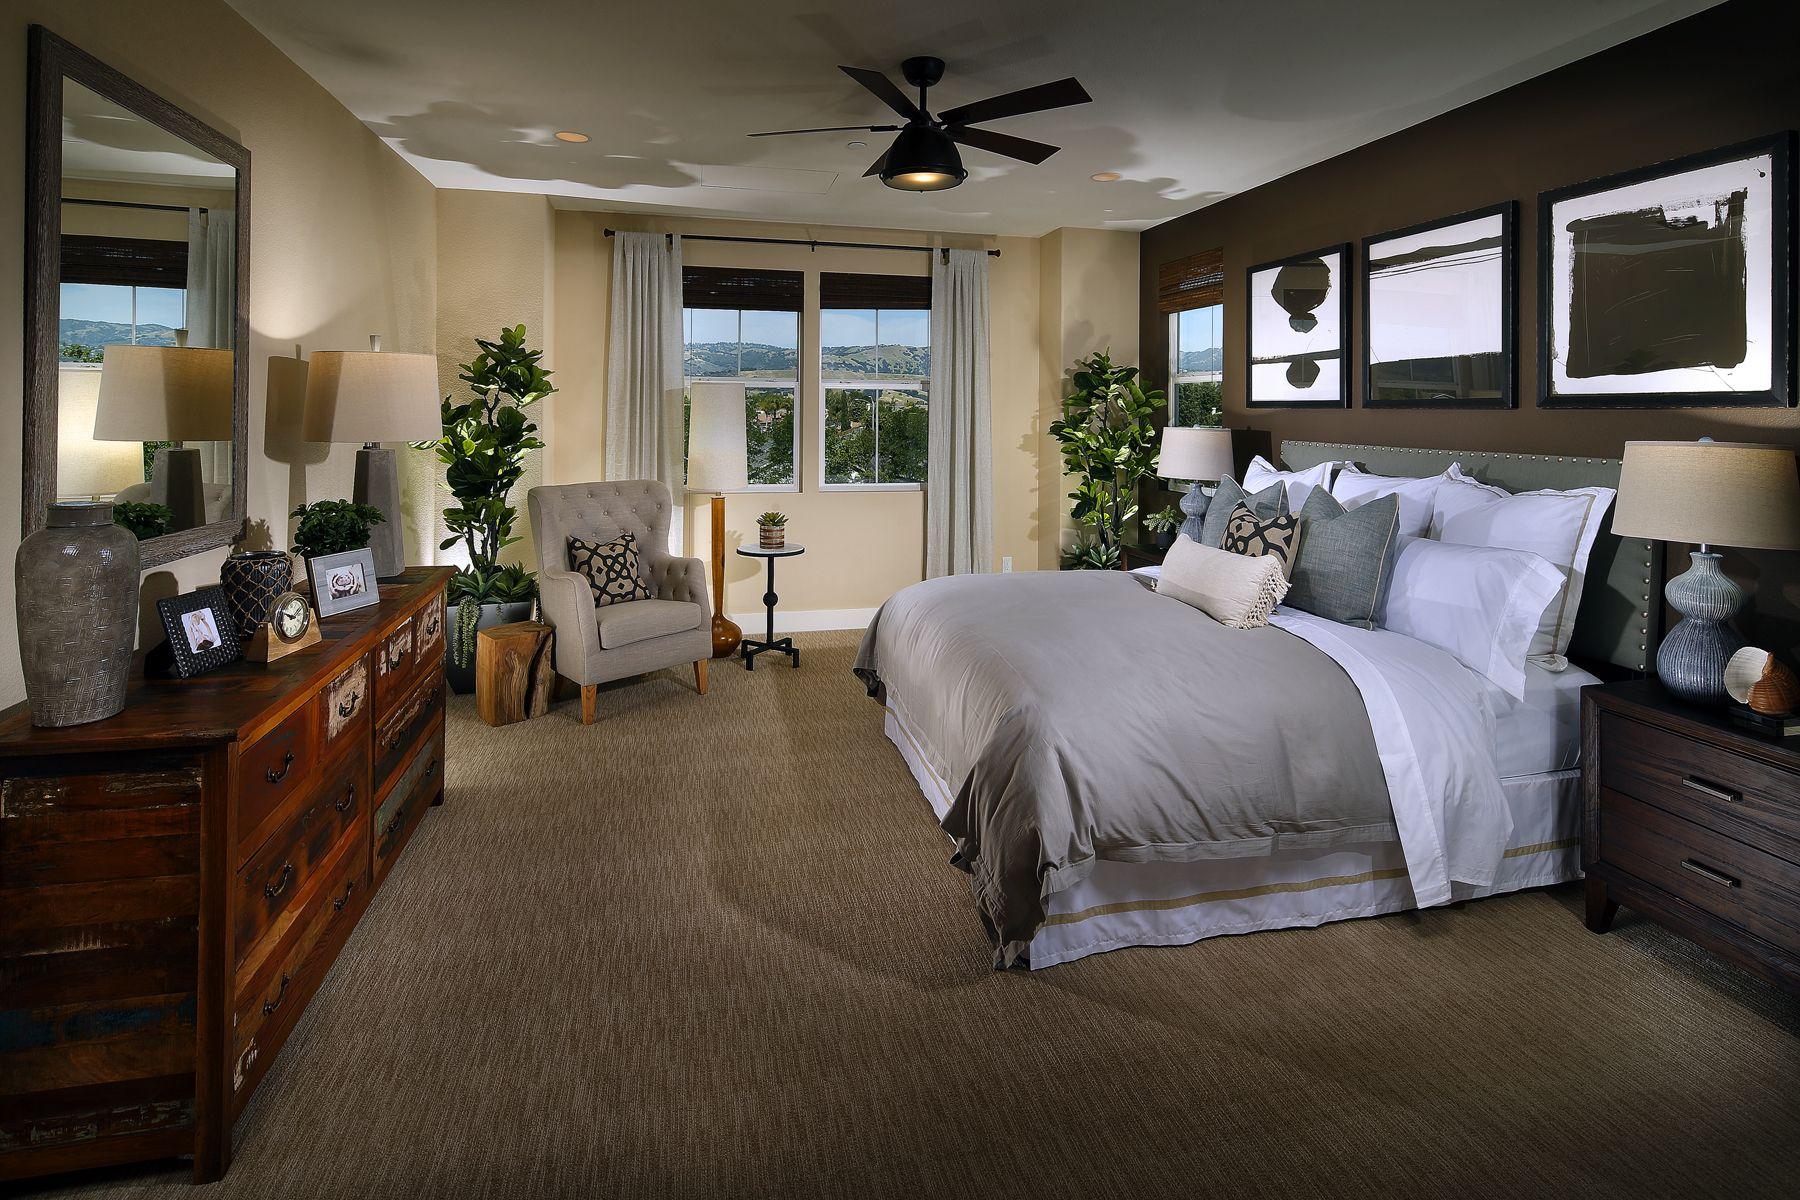 Master bedroom new design  Brighton Oaks Plan A Master Bedroom BrightonOaks MorganHill